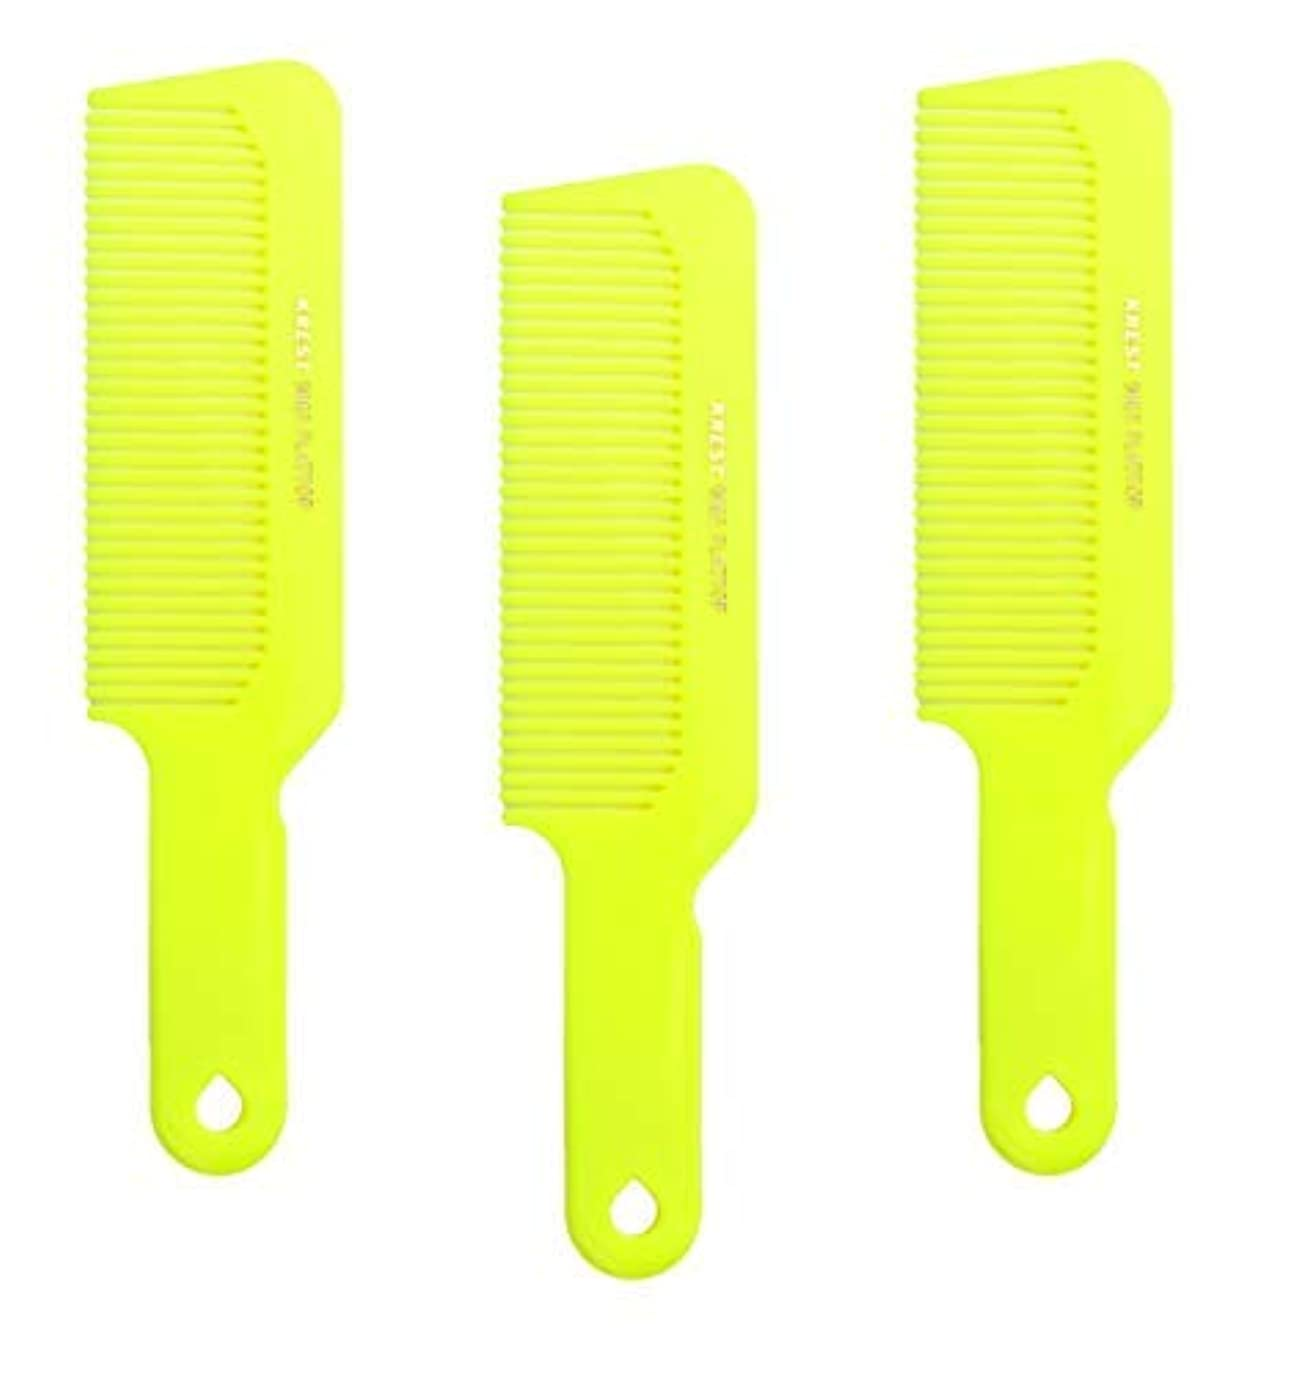 証拠引き付ける未接続Hair Comb 8-3/4 Flattop Hair Cutting Comb. Barbers Hairdresser Comb. Model 9001. 3 Combs (Neon Yellow) [並行輸入品]